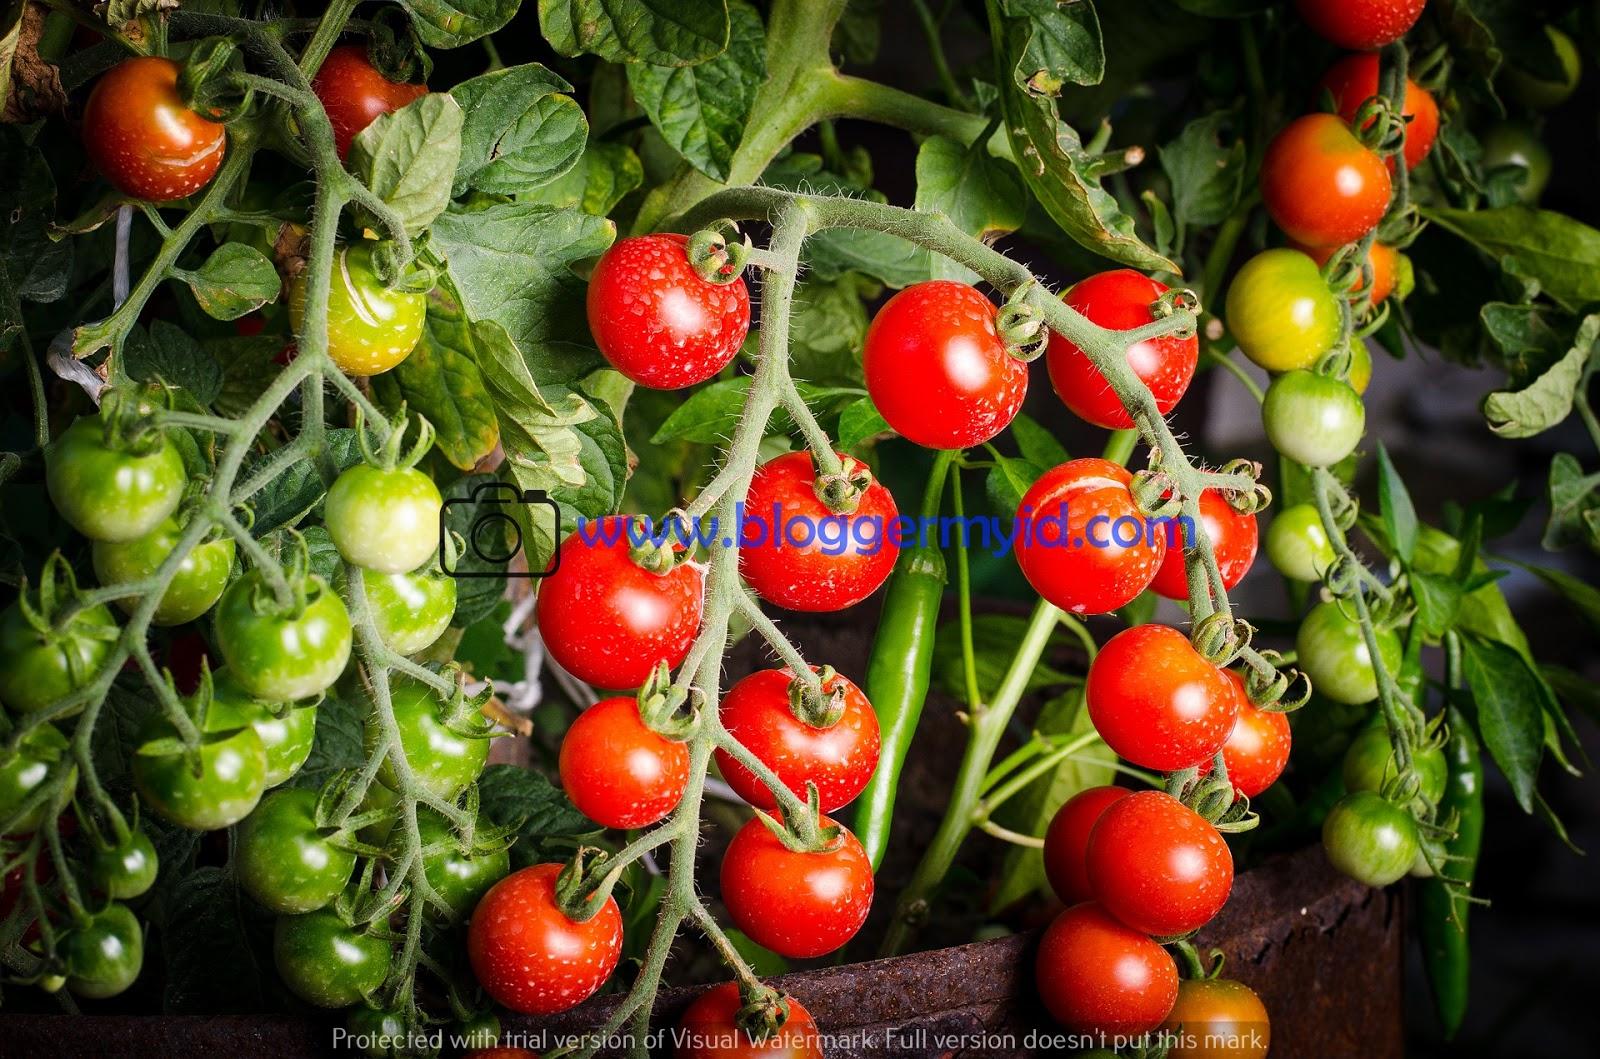 manfaat jus tomat untuk diet